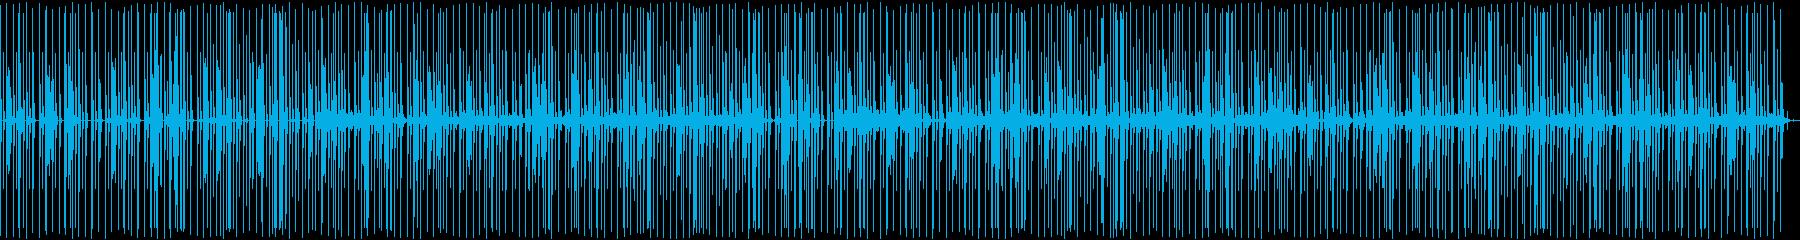 筋トレ向けゆったりボイスパーカッションの再生済みの波形